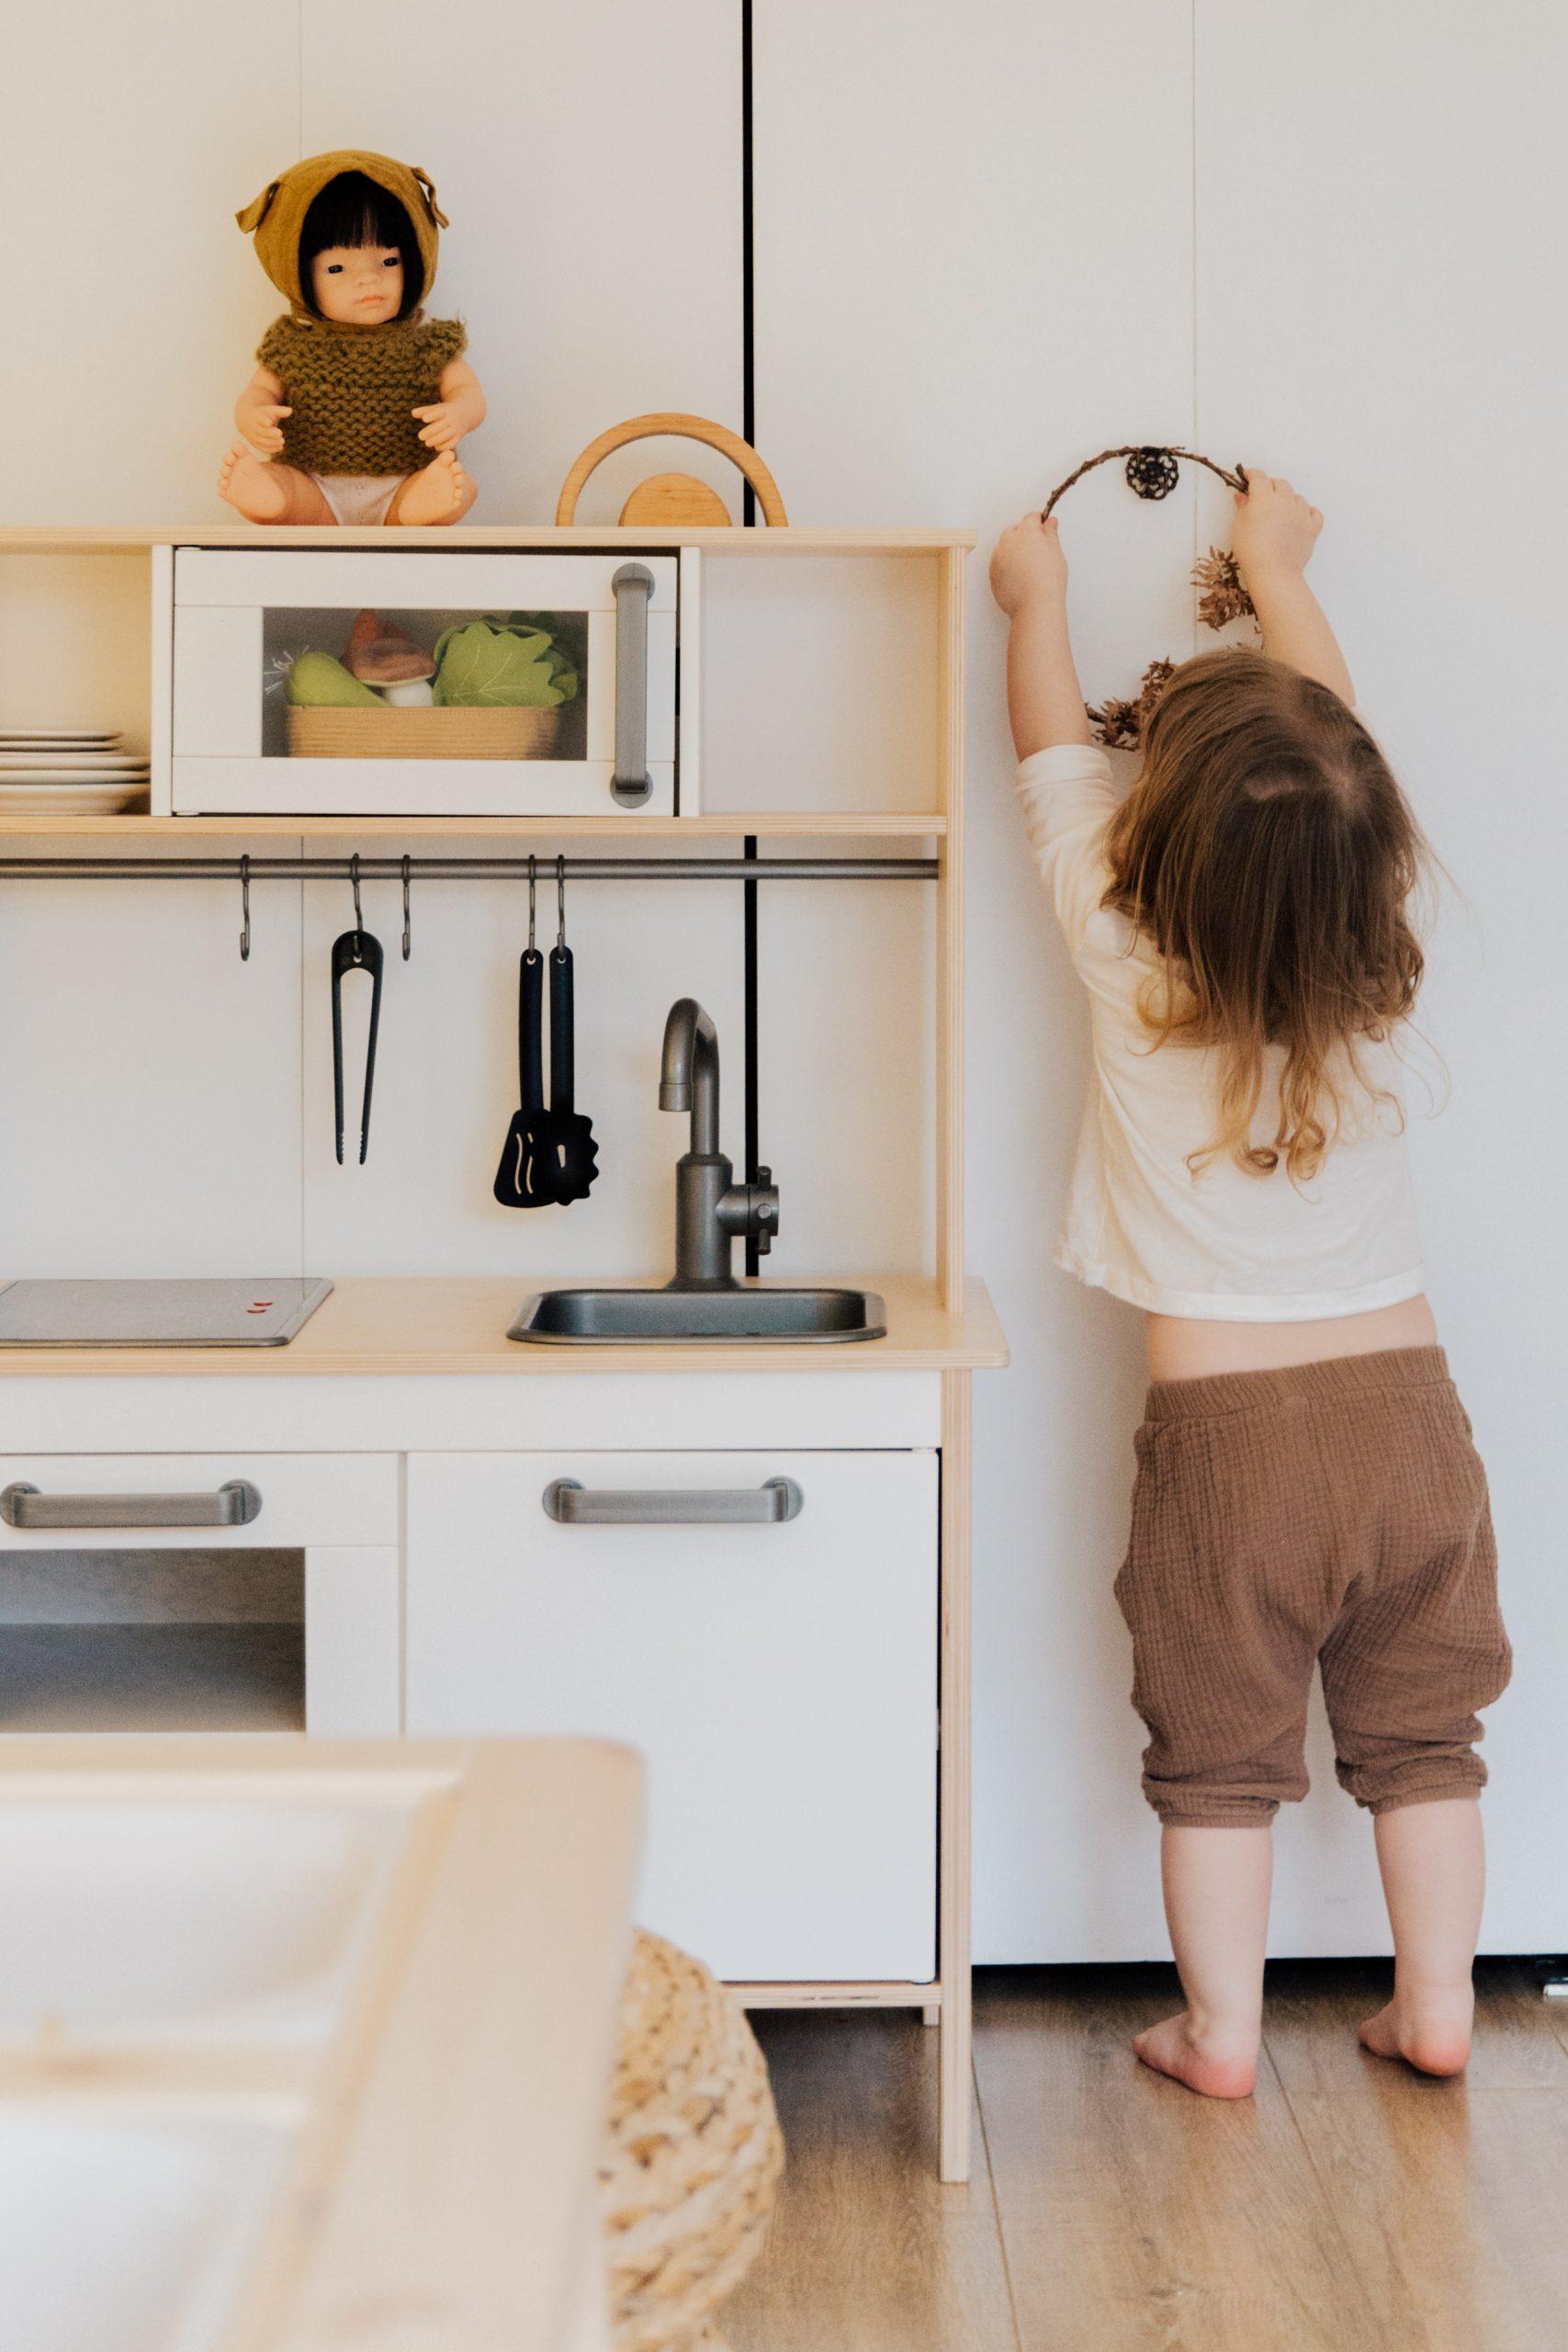 """""""No quiero ser niña, quiero ser chef"""": Niño se viraliza por pedir cocina de juguete"""